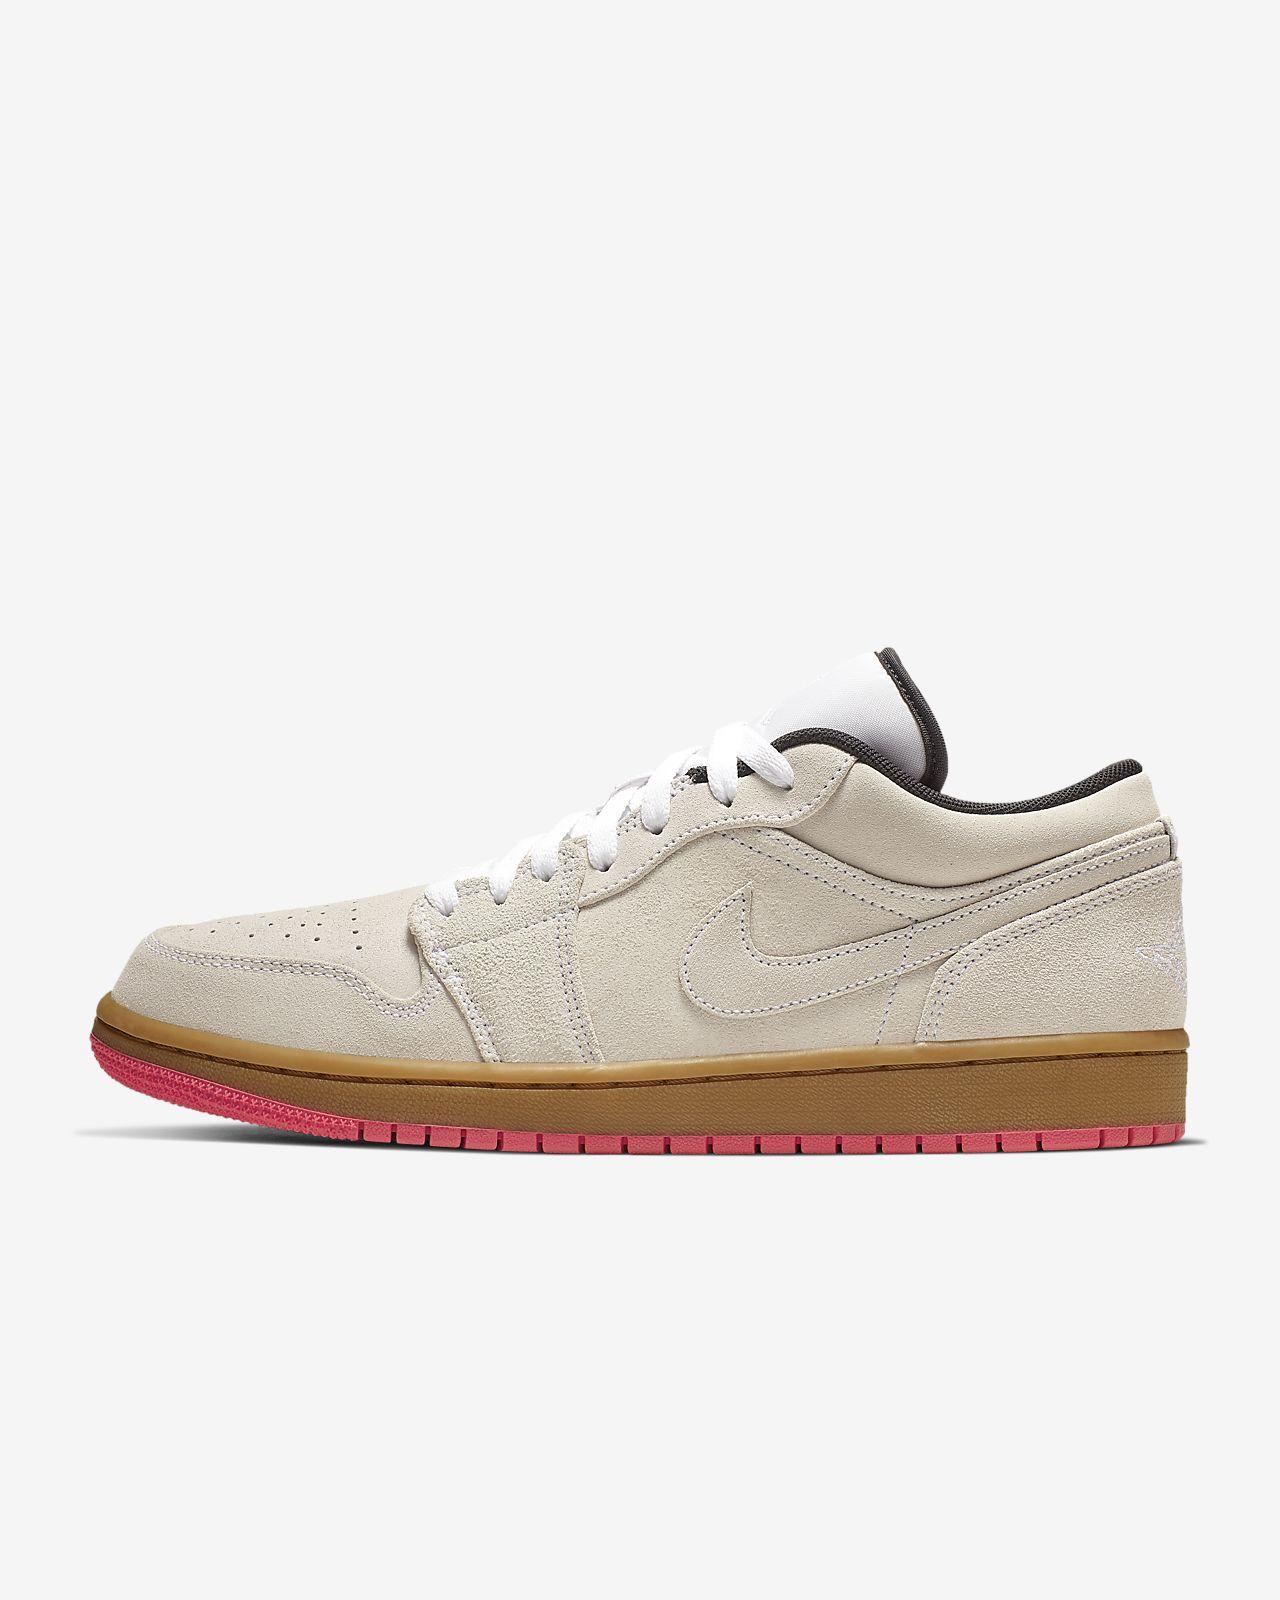 online store 73e91 24d67 ... Chaussure Air Jordan 1 Low pour Homme